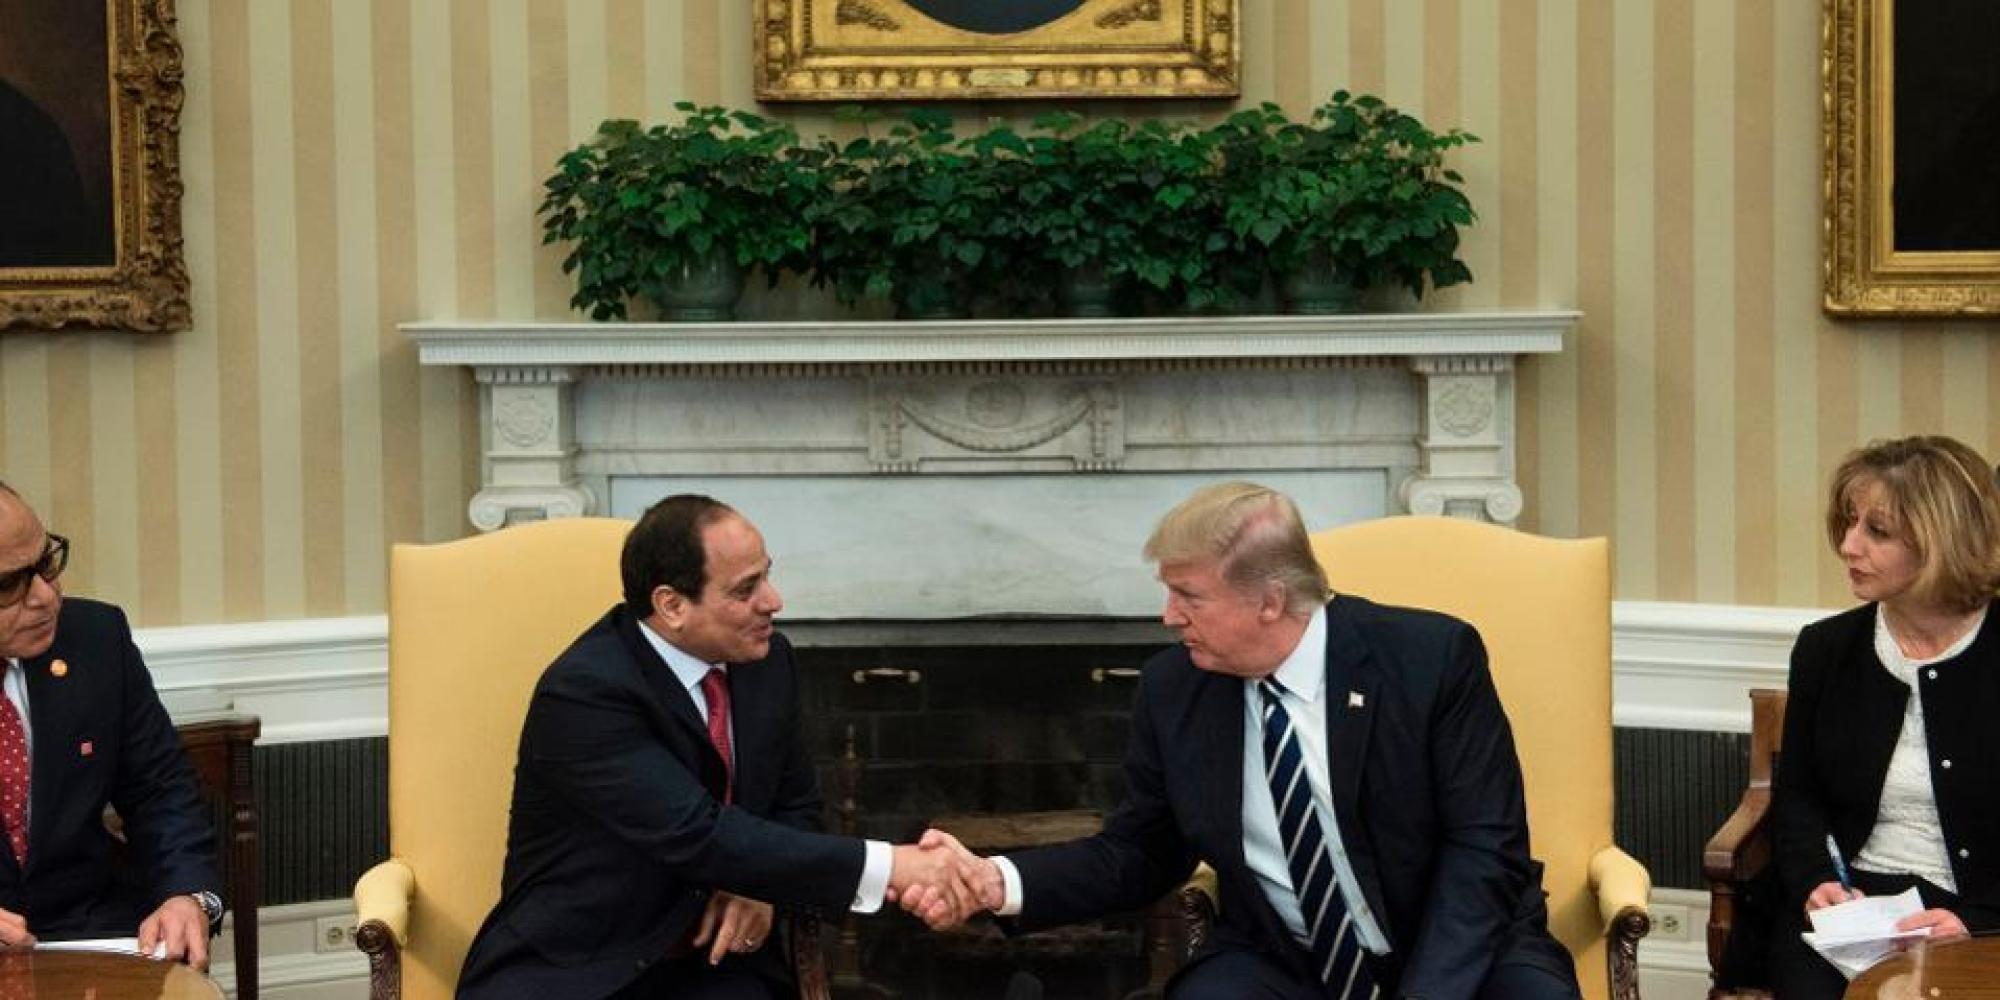 فوربس: على واشنطن التخلي عن فرعون مصر الجديد.. الديكتاتور السيسي حوَّل البلاد لسجن كبير